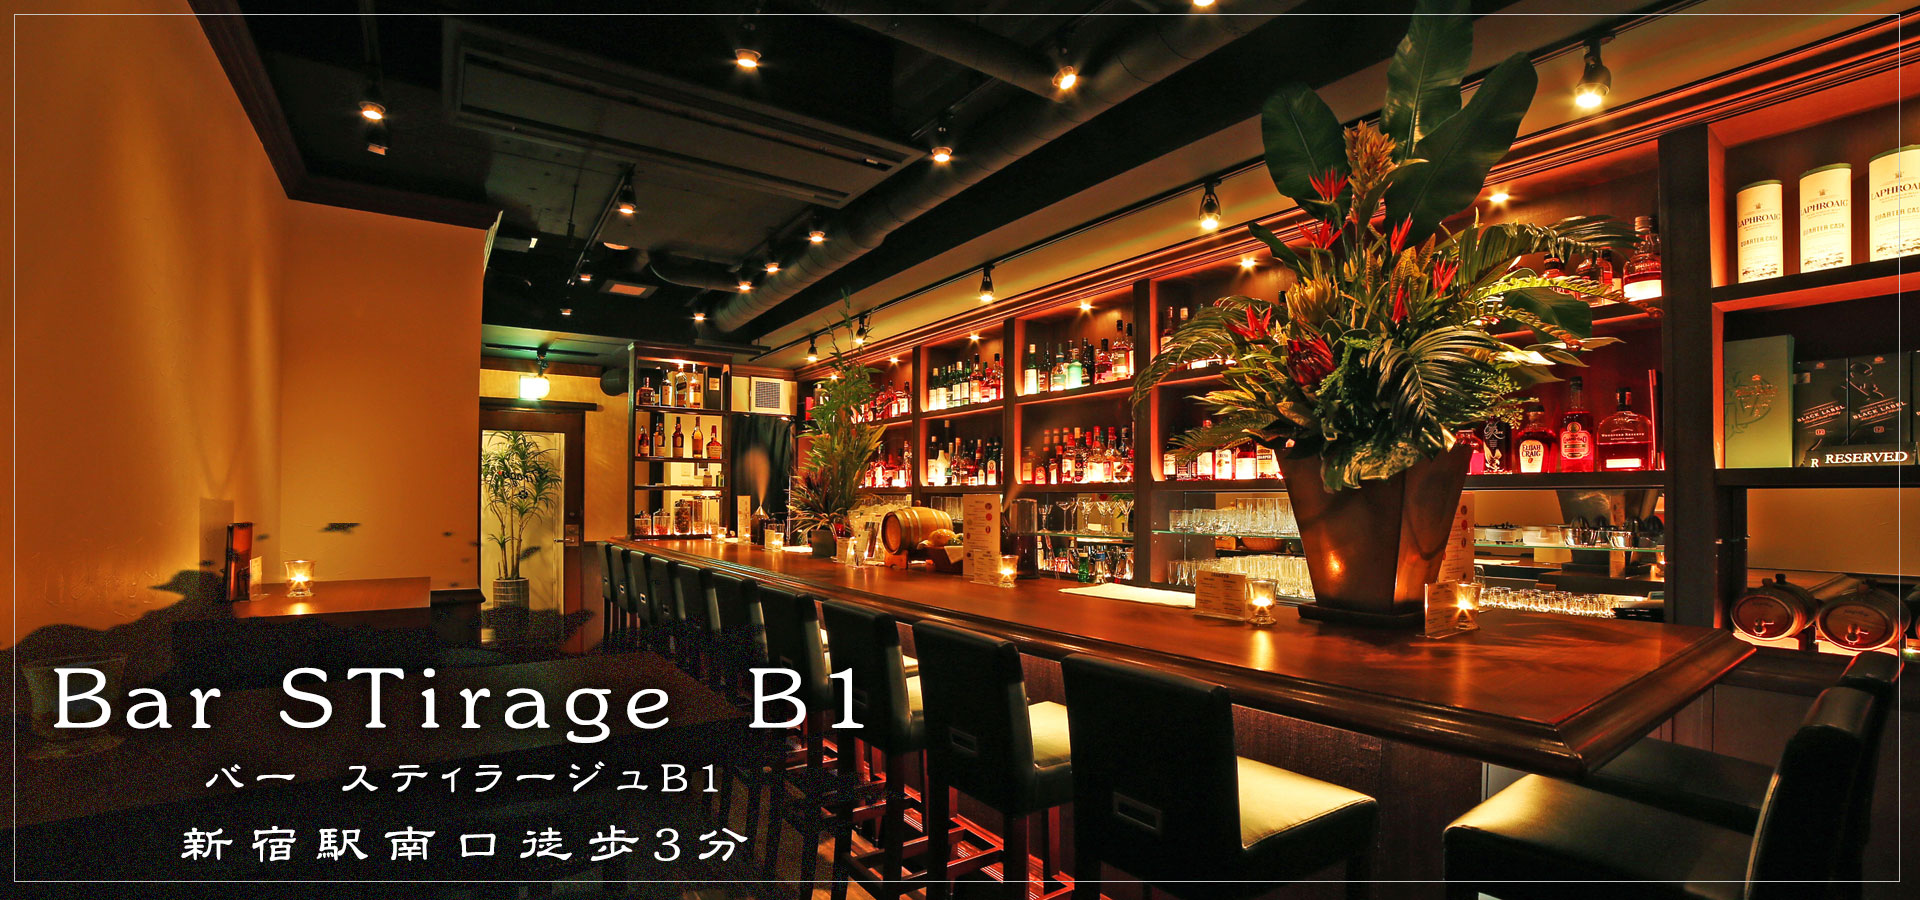 Bar STirage B1 (バー スティラージュB1)